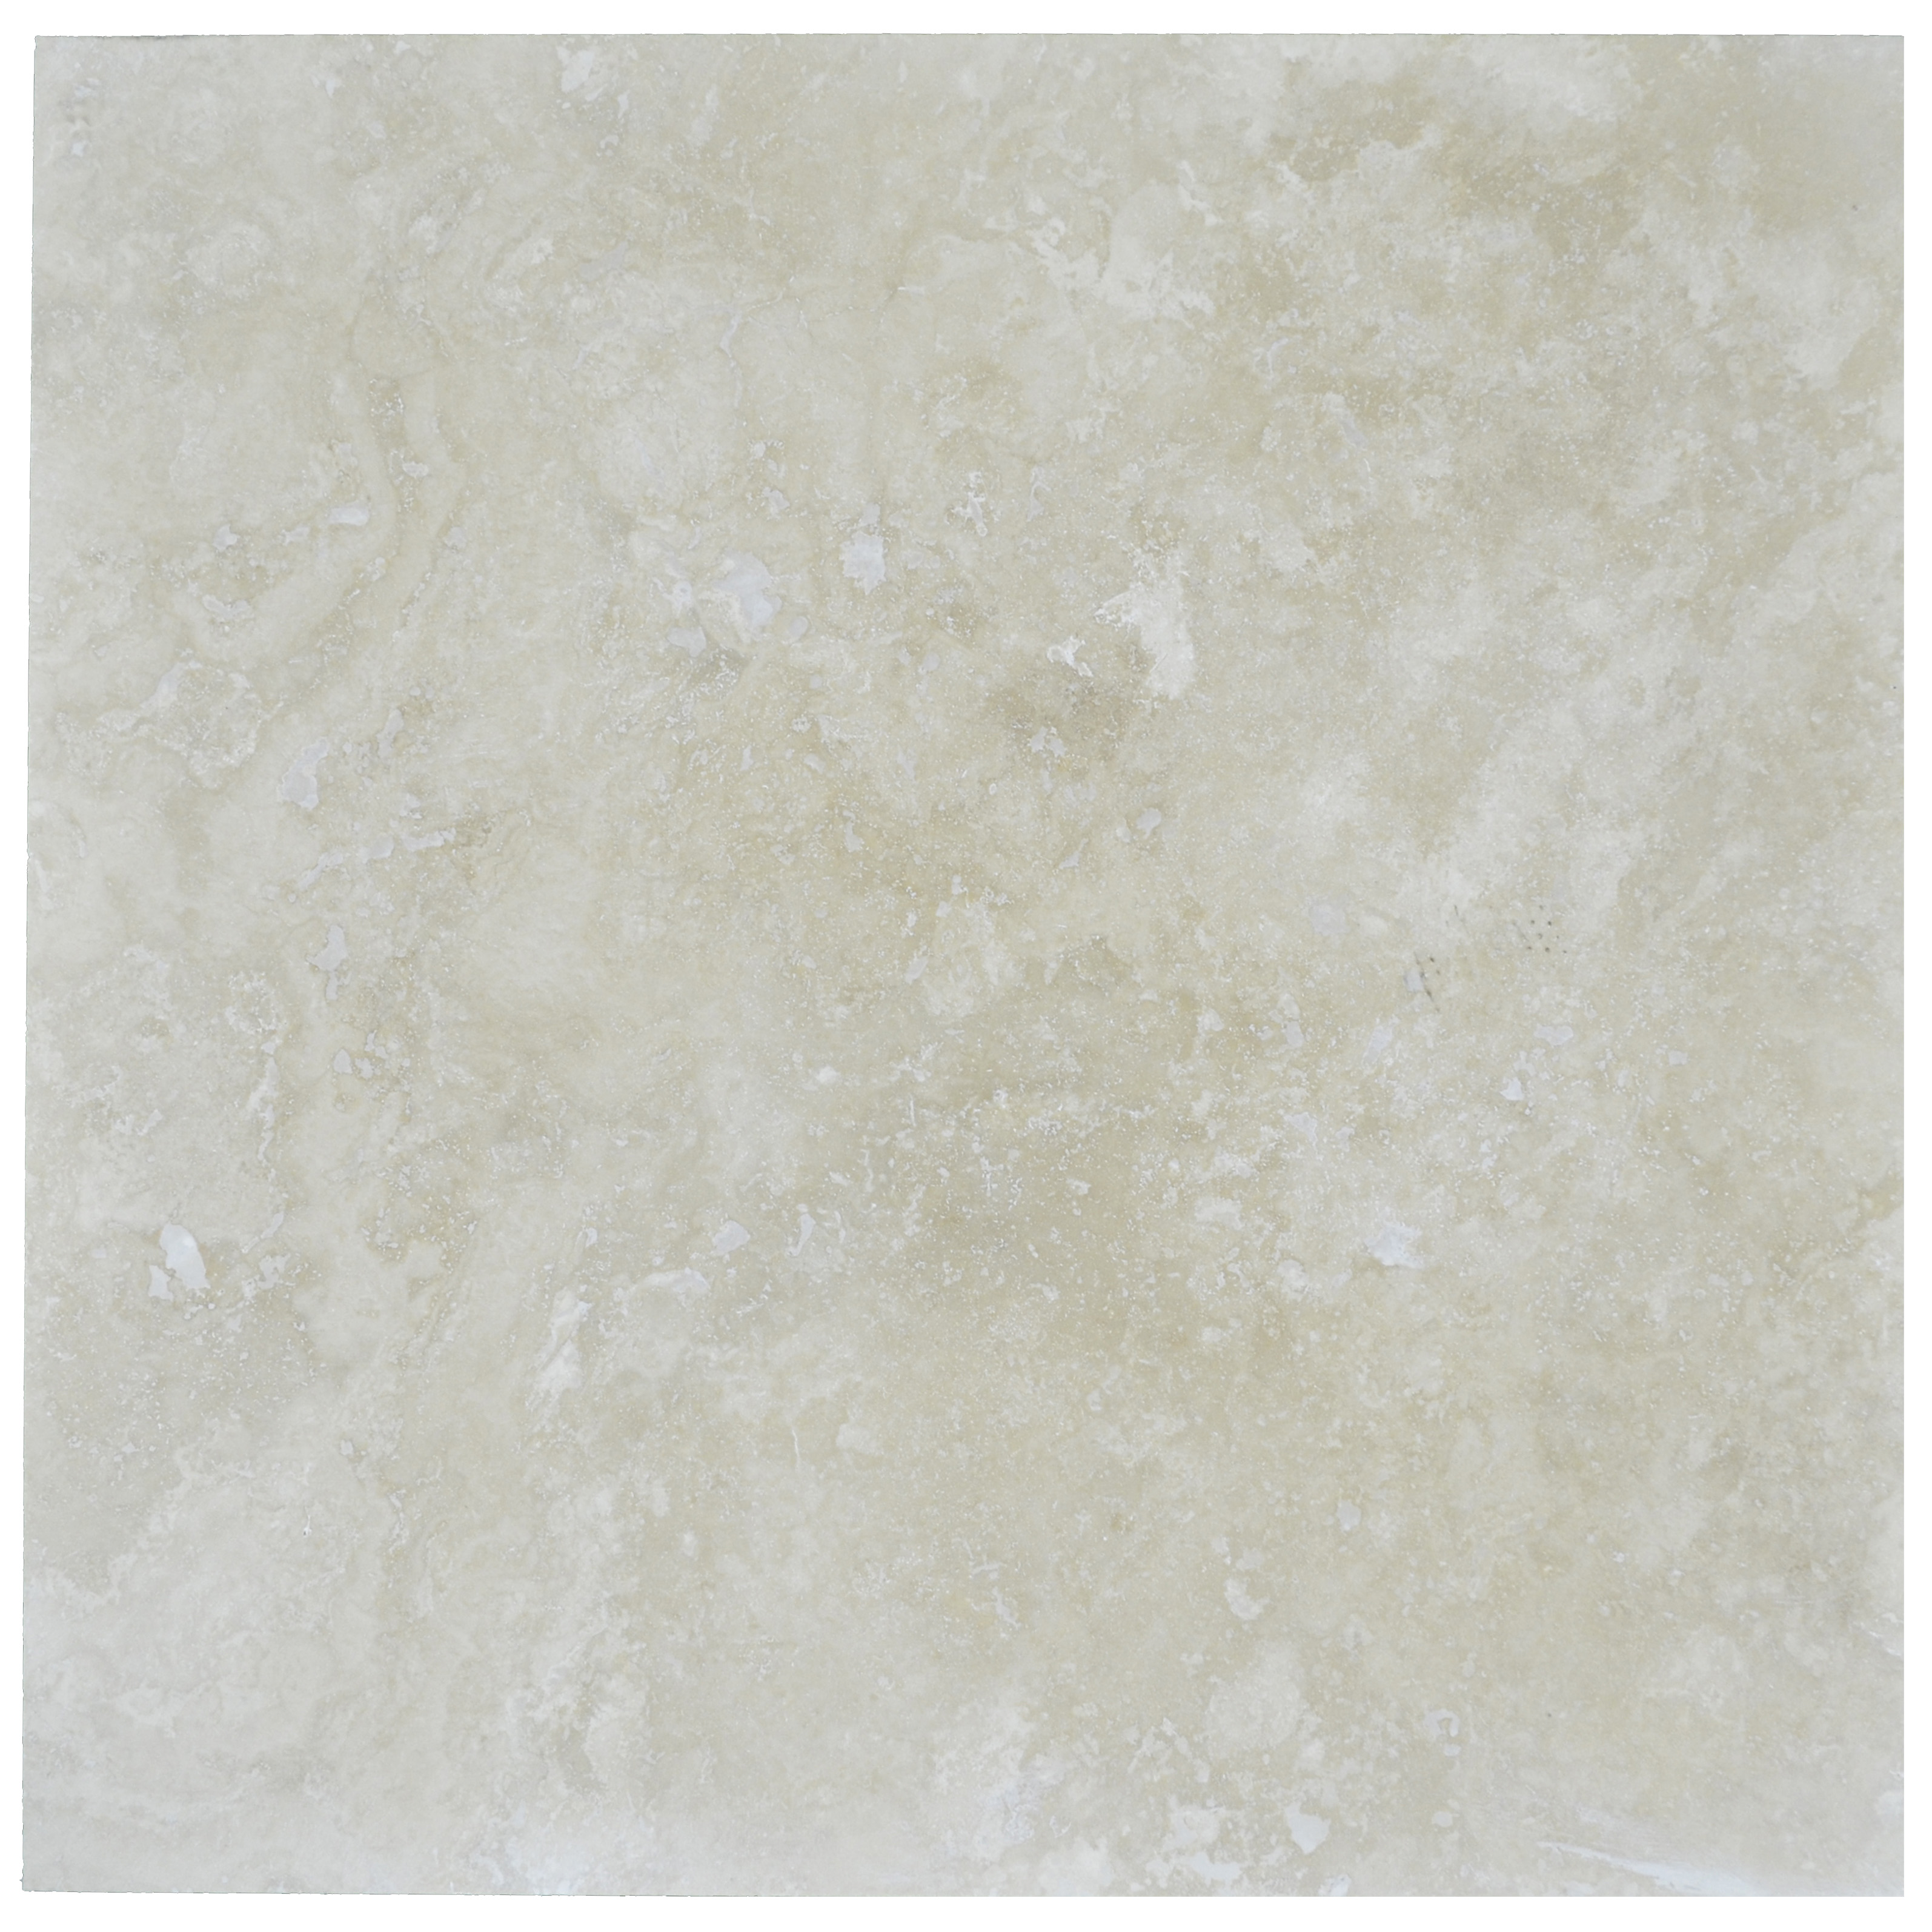 Travertine Tile Product : Frig light honed filled travertine tiles atlantic